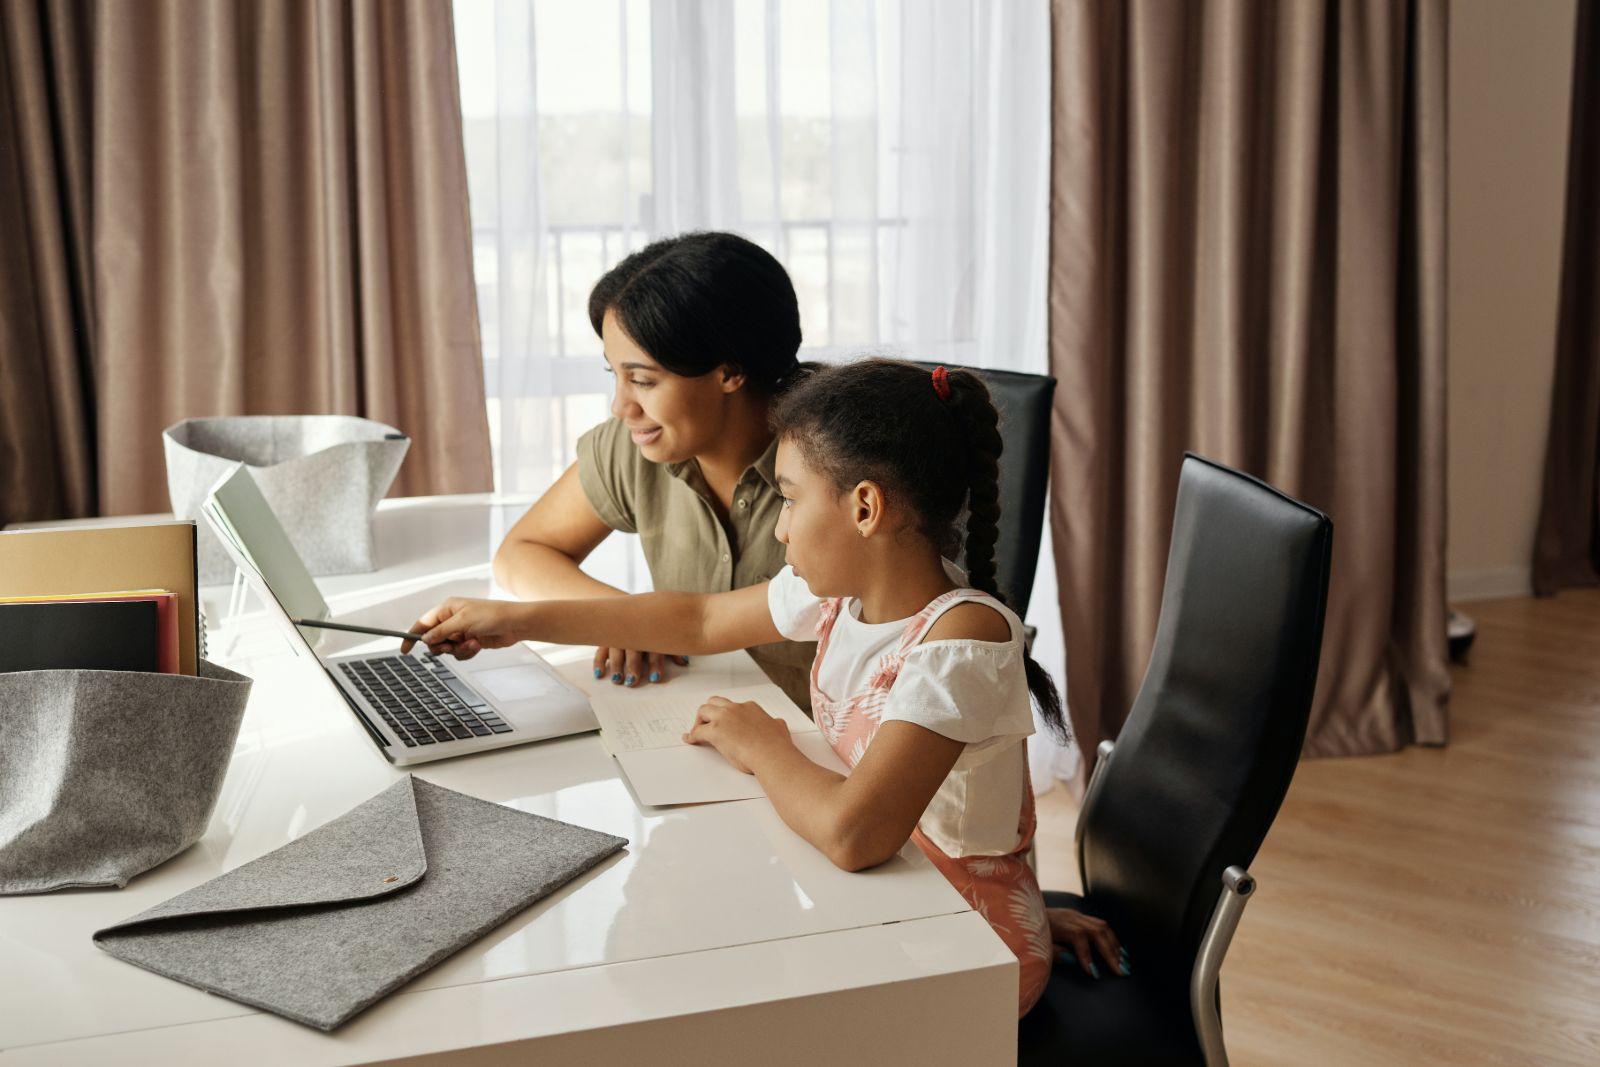 teaching communication skills for children